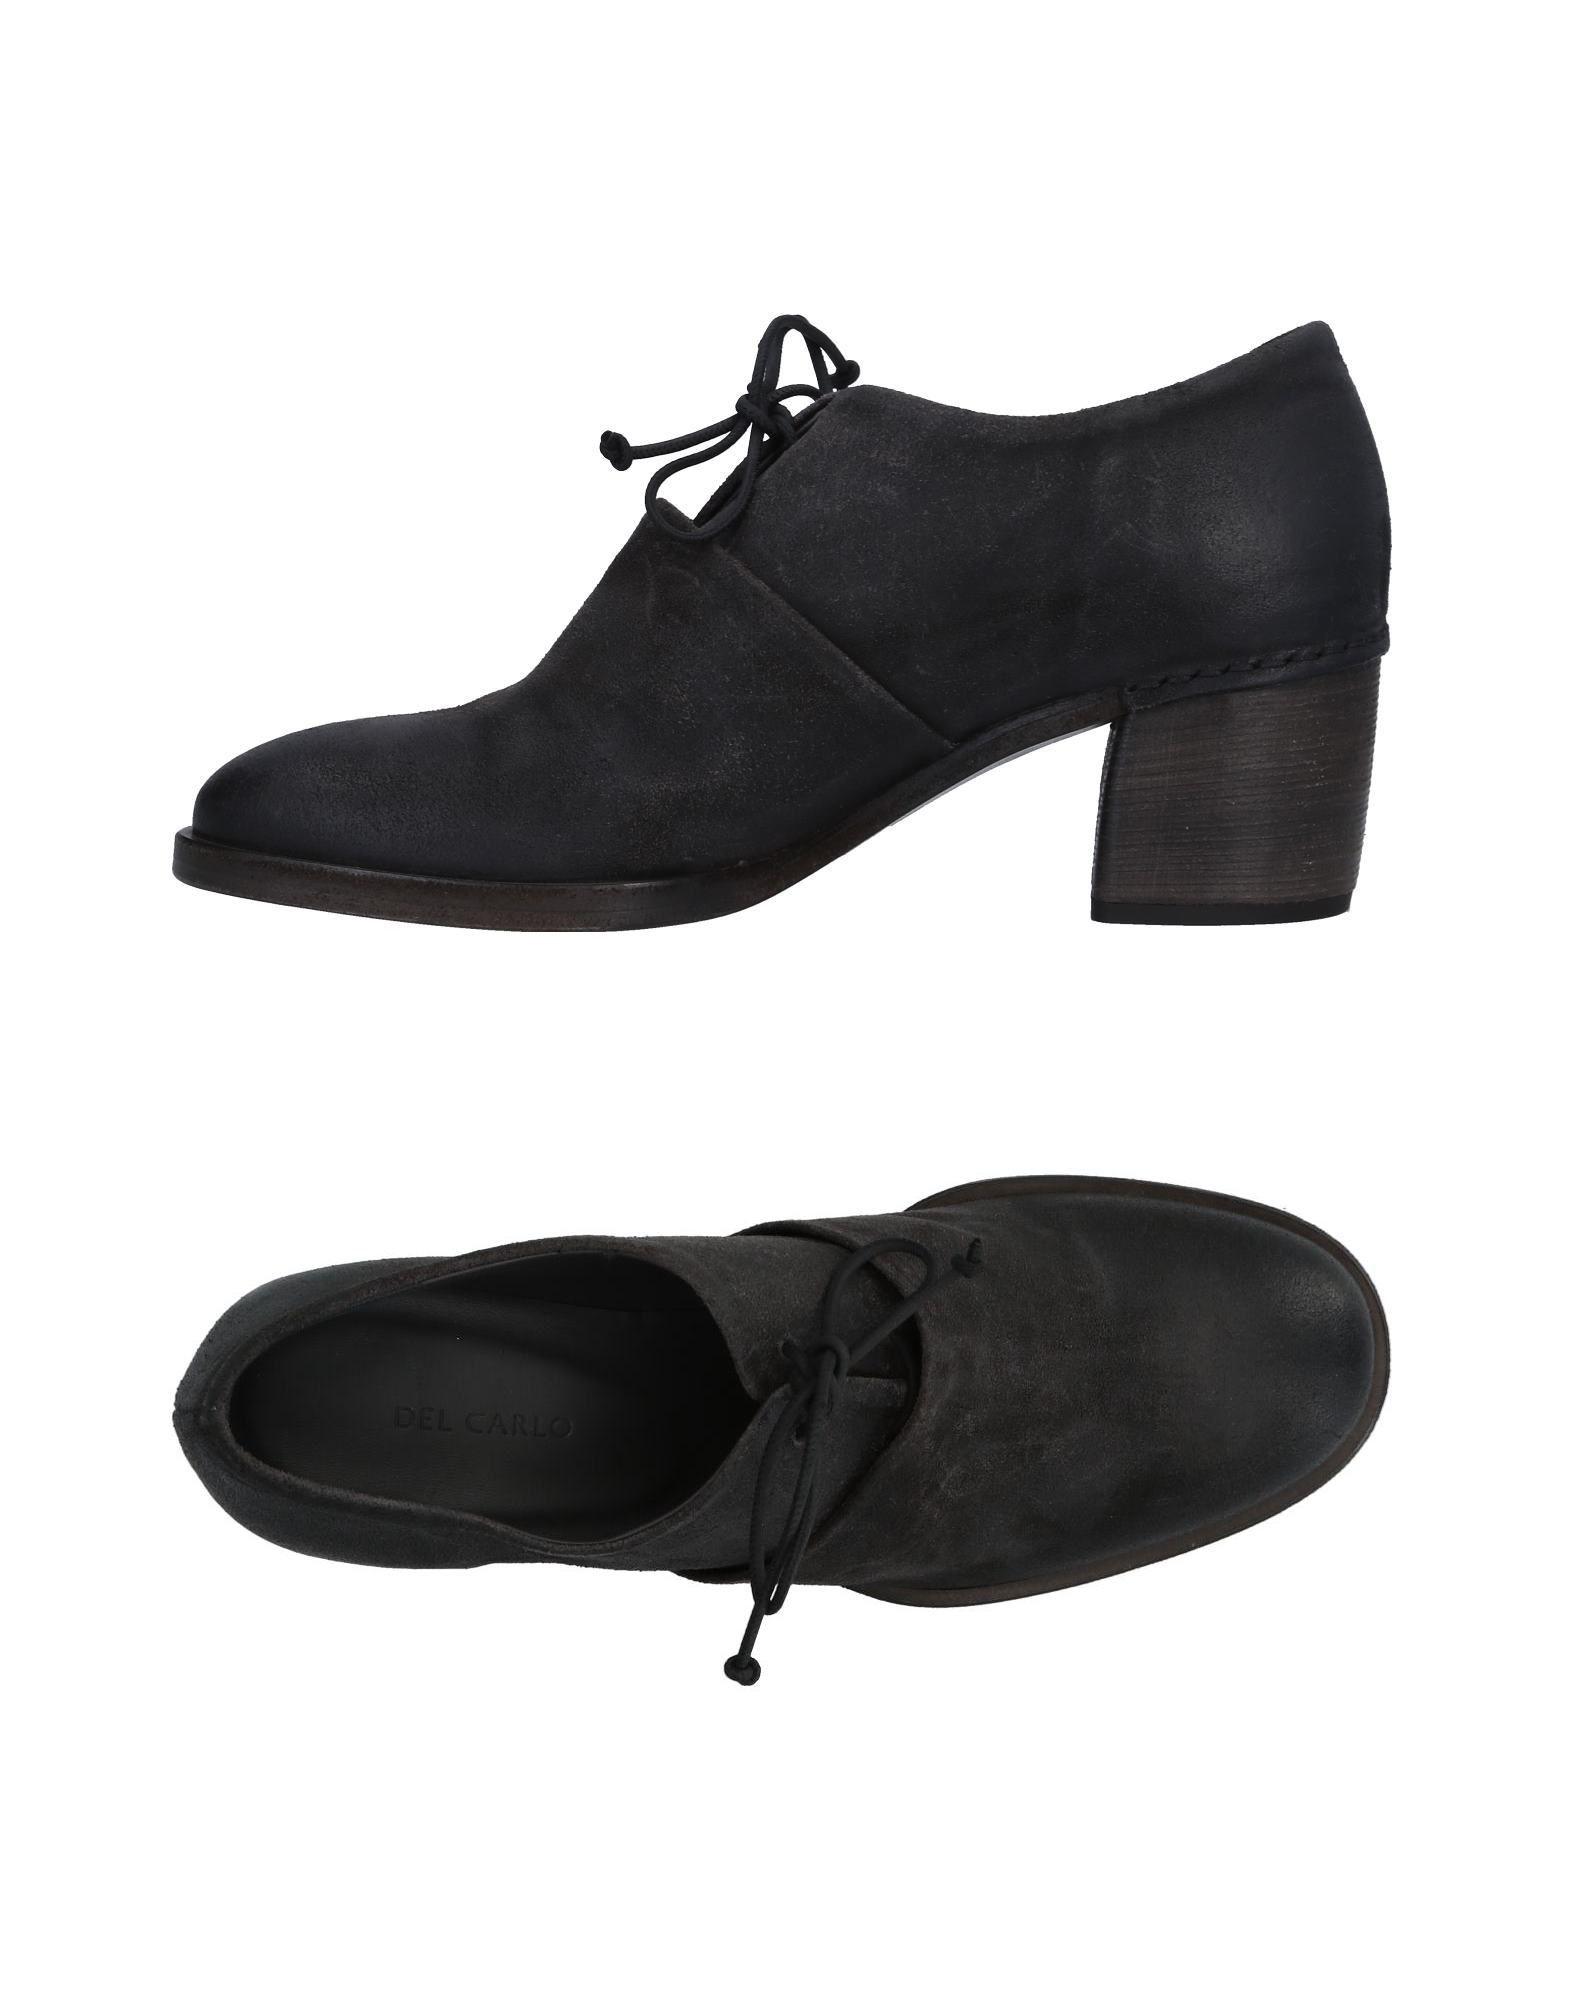 Del Carlo Schnürschuhe Damen  11495800PEGut aussehende strapazierfähige Schuhe